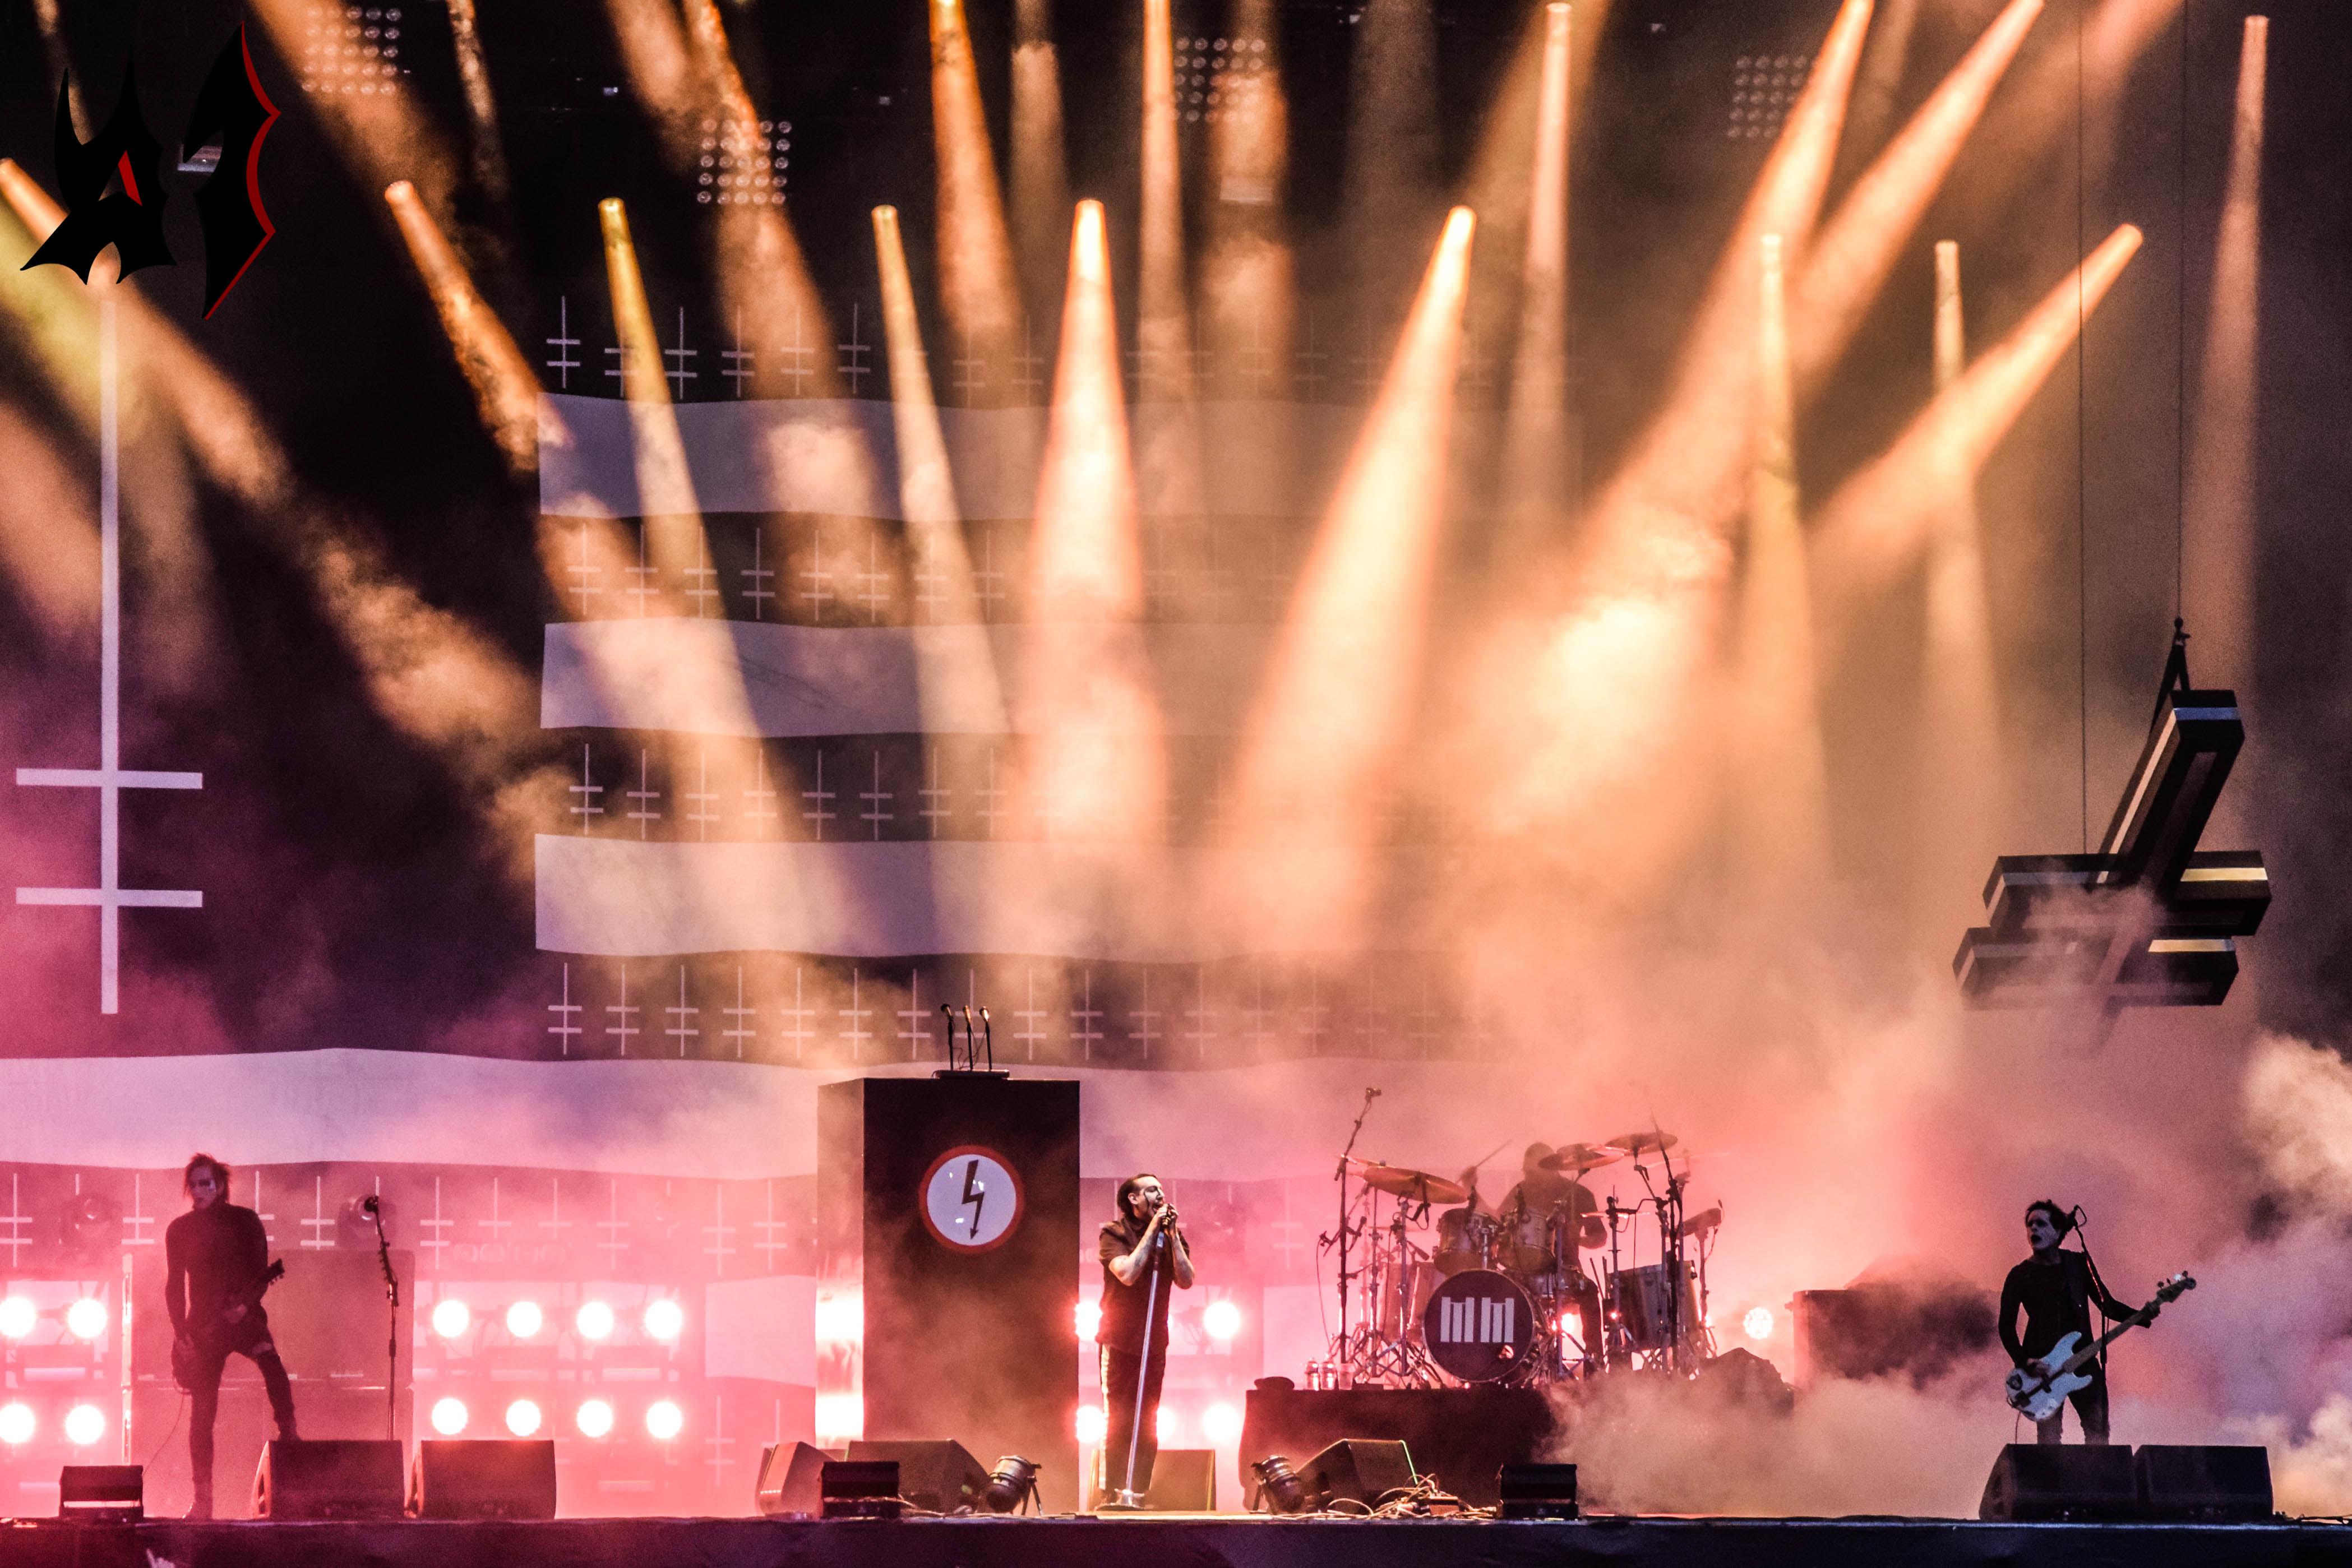 Donwload 2018 – Day 2 - Marilyn Manson 4